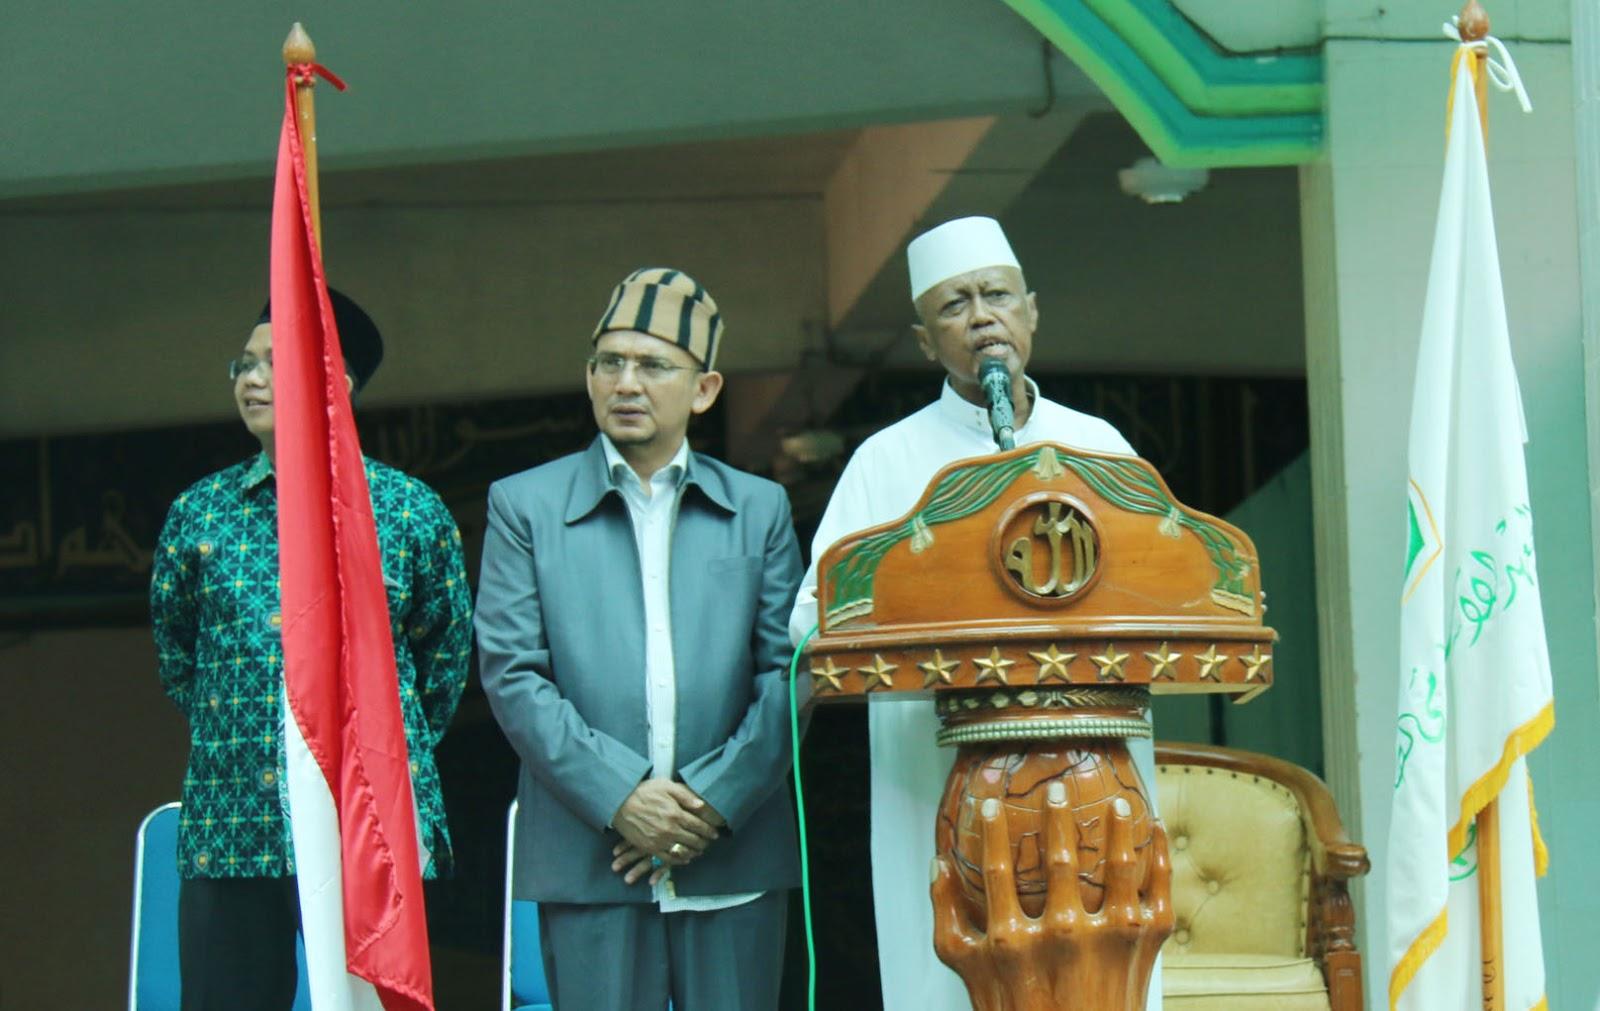 DR. KH. Noer Muhammad Iskandar, SQ